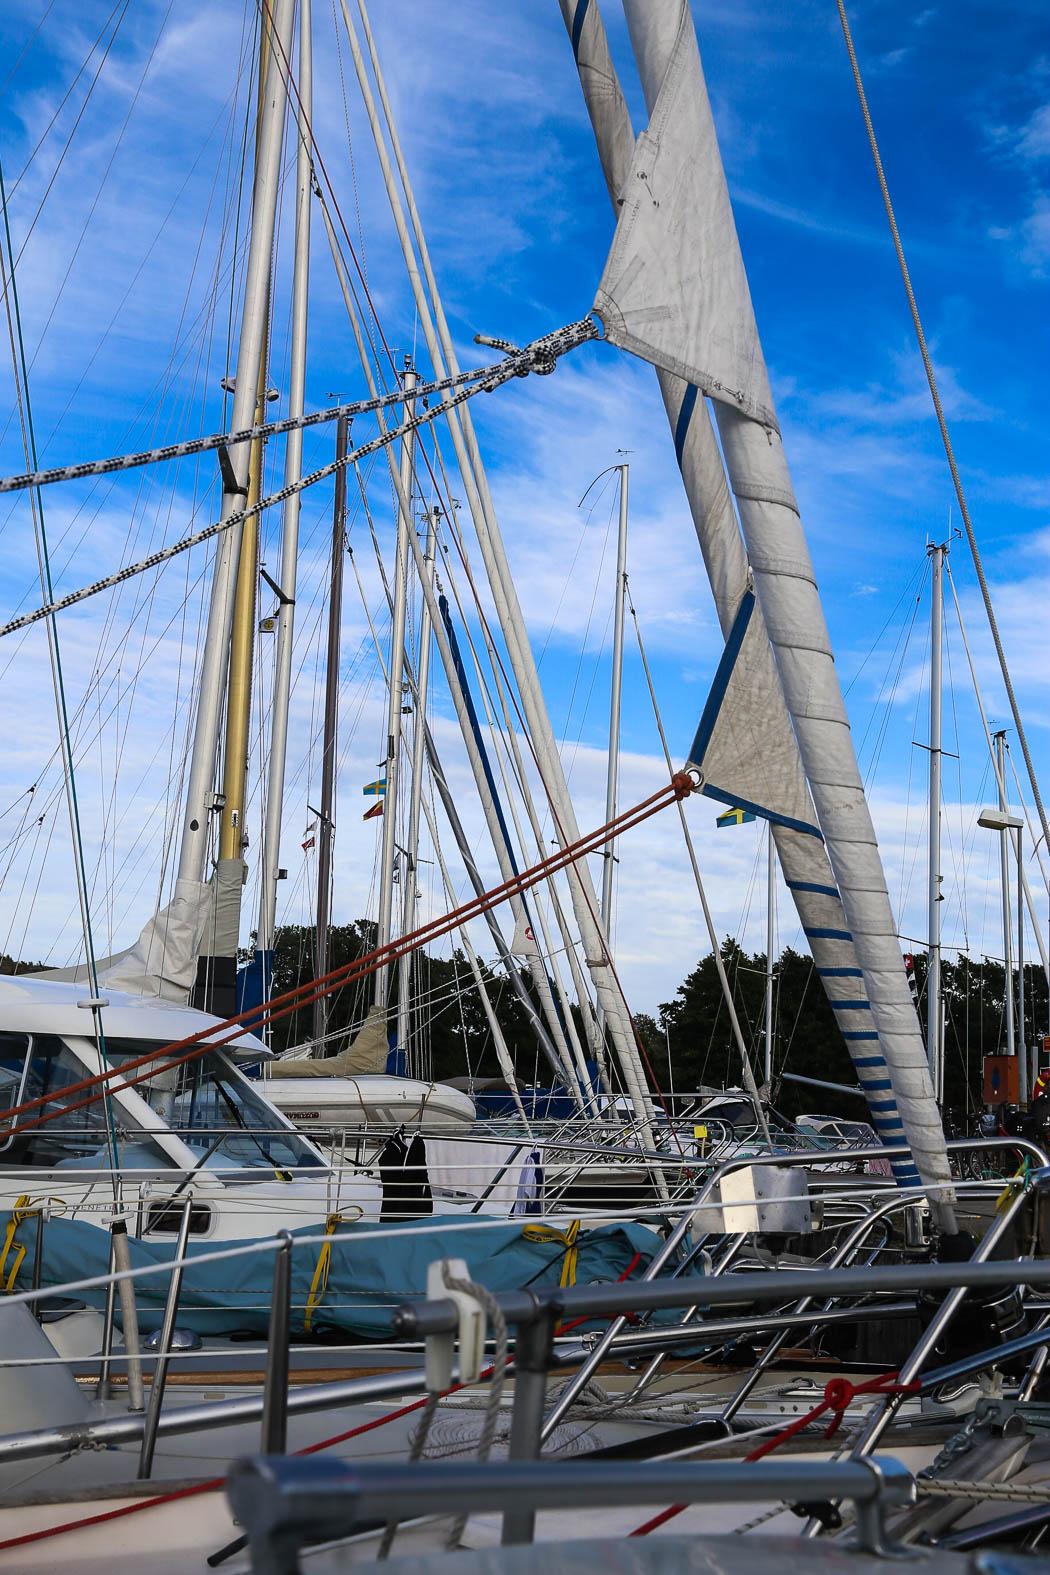 landsort-aug2015-41